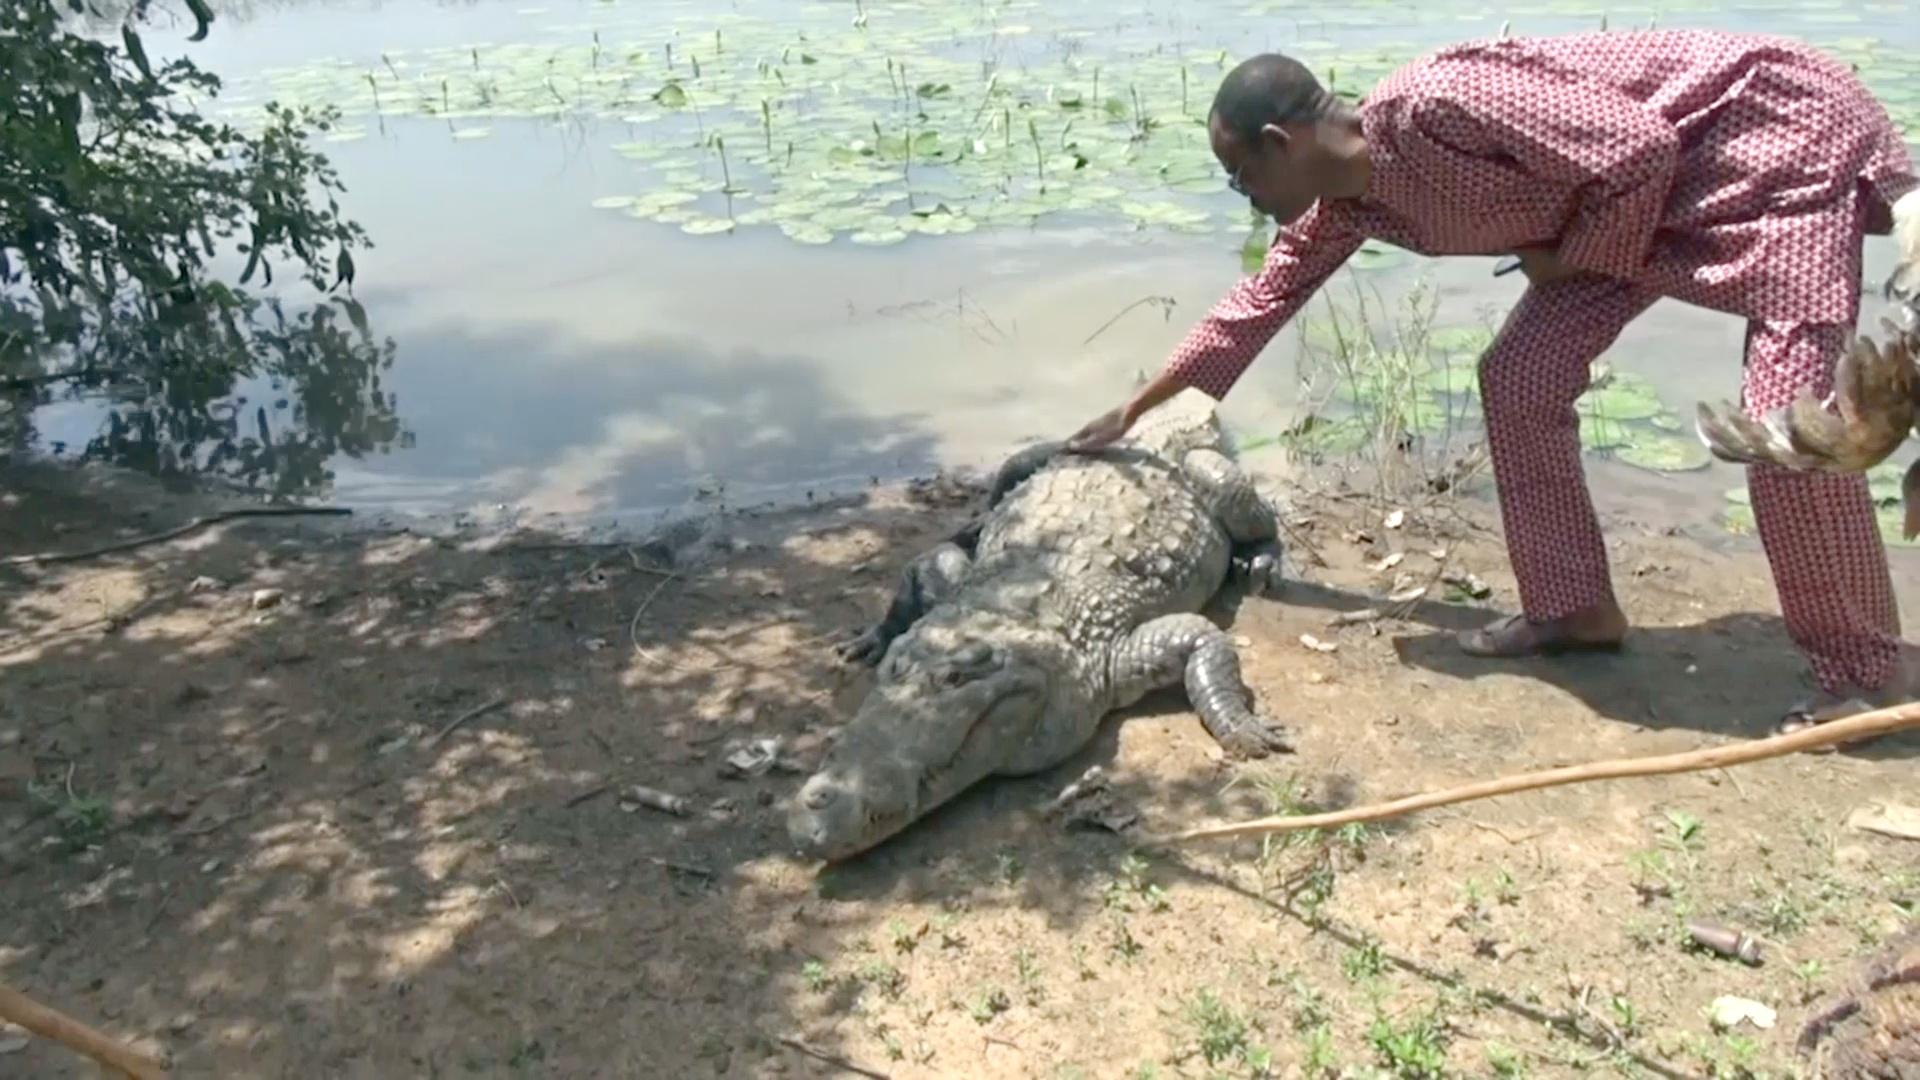 Крокодилы и люди живут дружно в африканской деревне